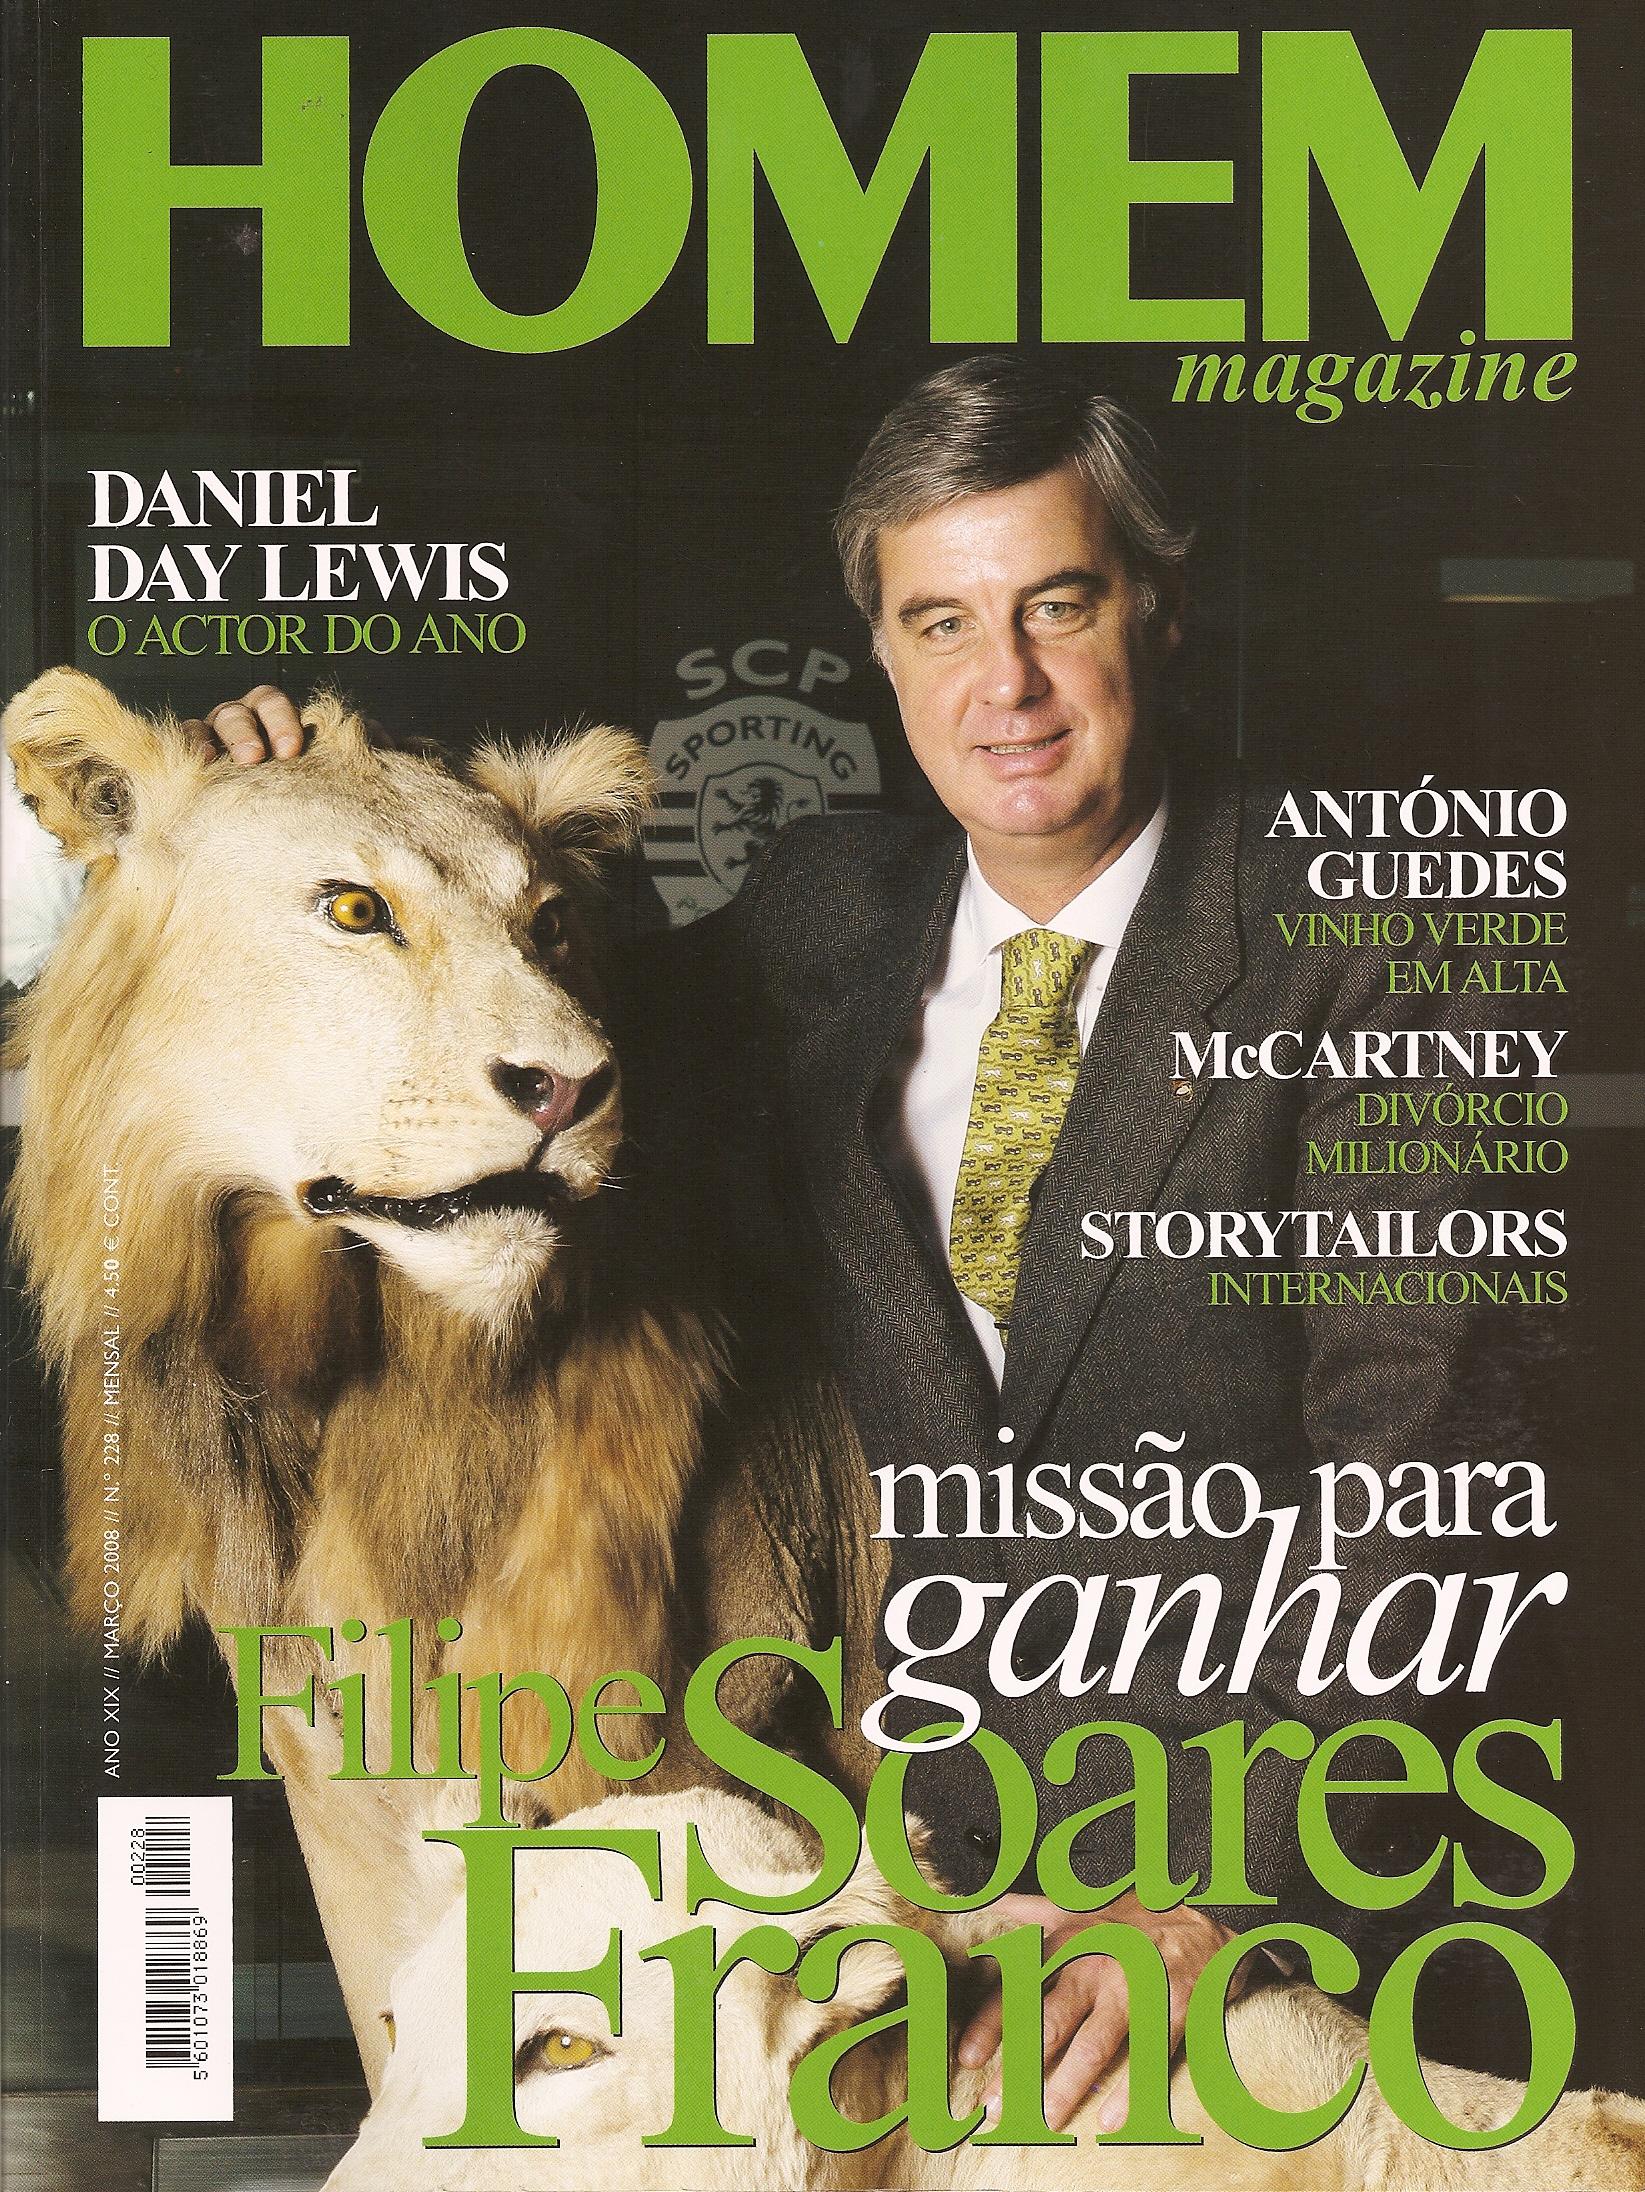 HOMEM-magazine-#228-cover-20080301